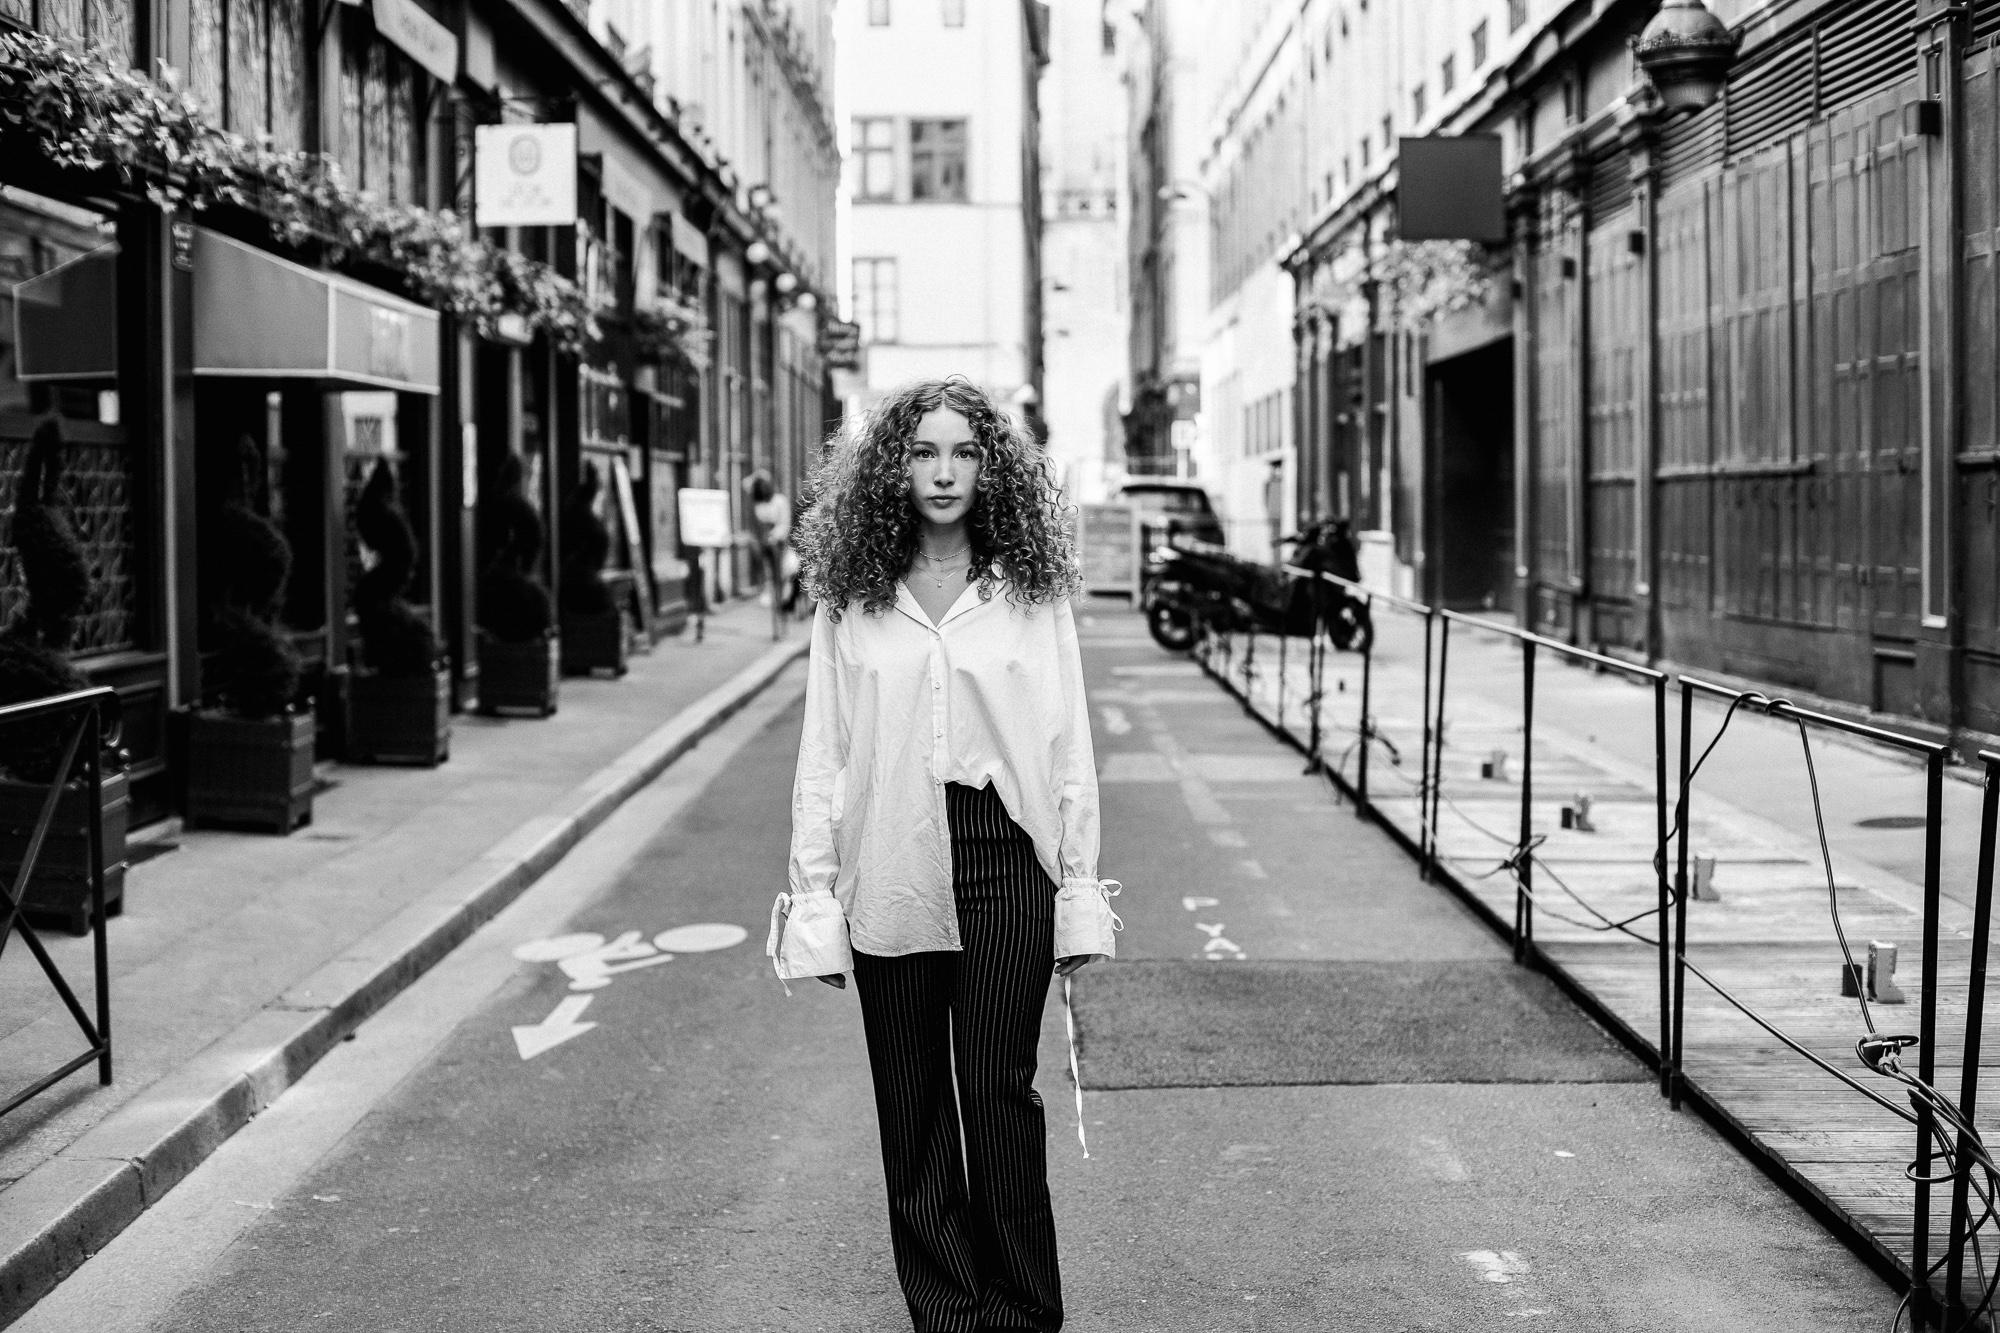 PHOTOGRAPHE PORTRAIT ACTEUR CHANTEUR CELEBRITE LYON PARIS FRANCE-10